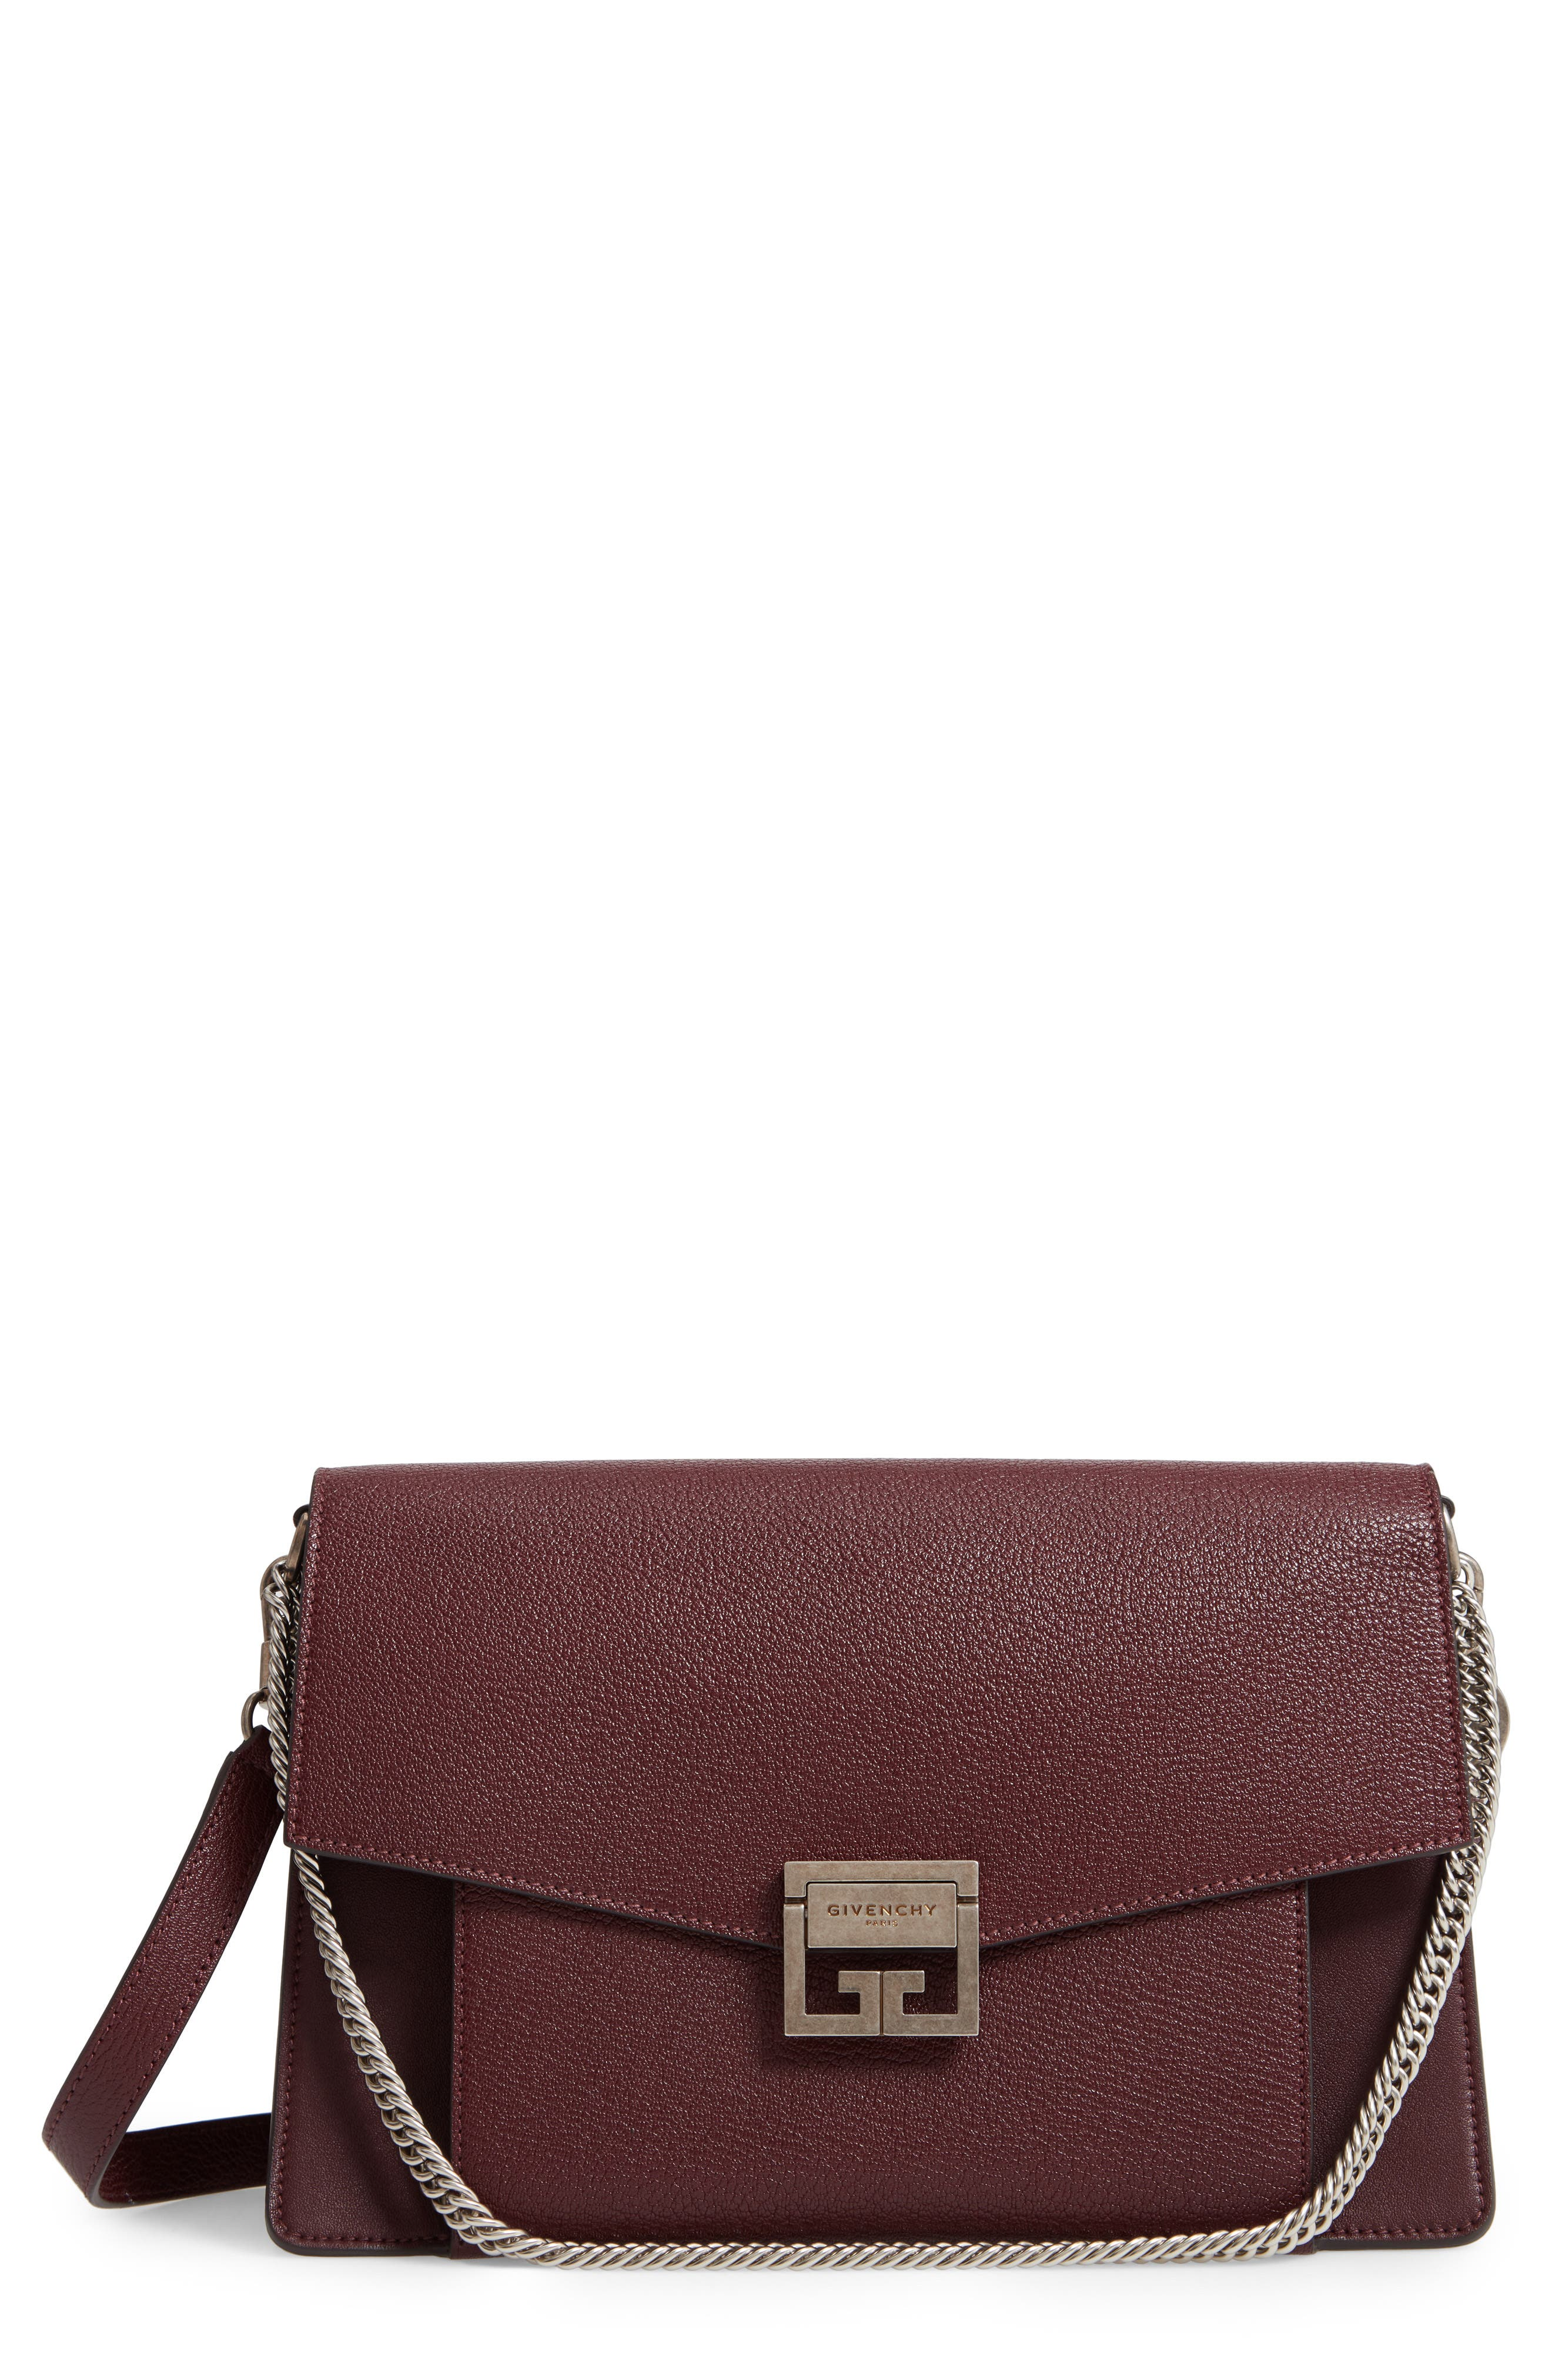 GV3 Goatskin Leather Shoulder Bag,                         Main,                         color, Aubergine